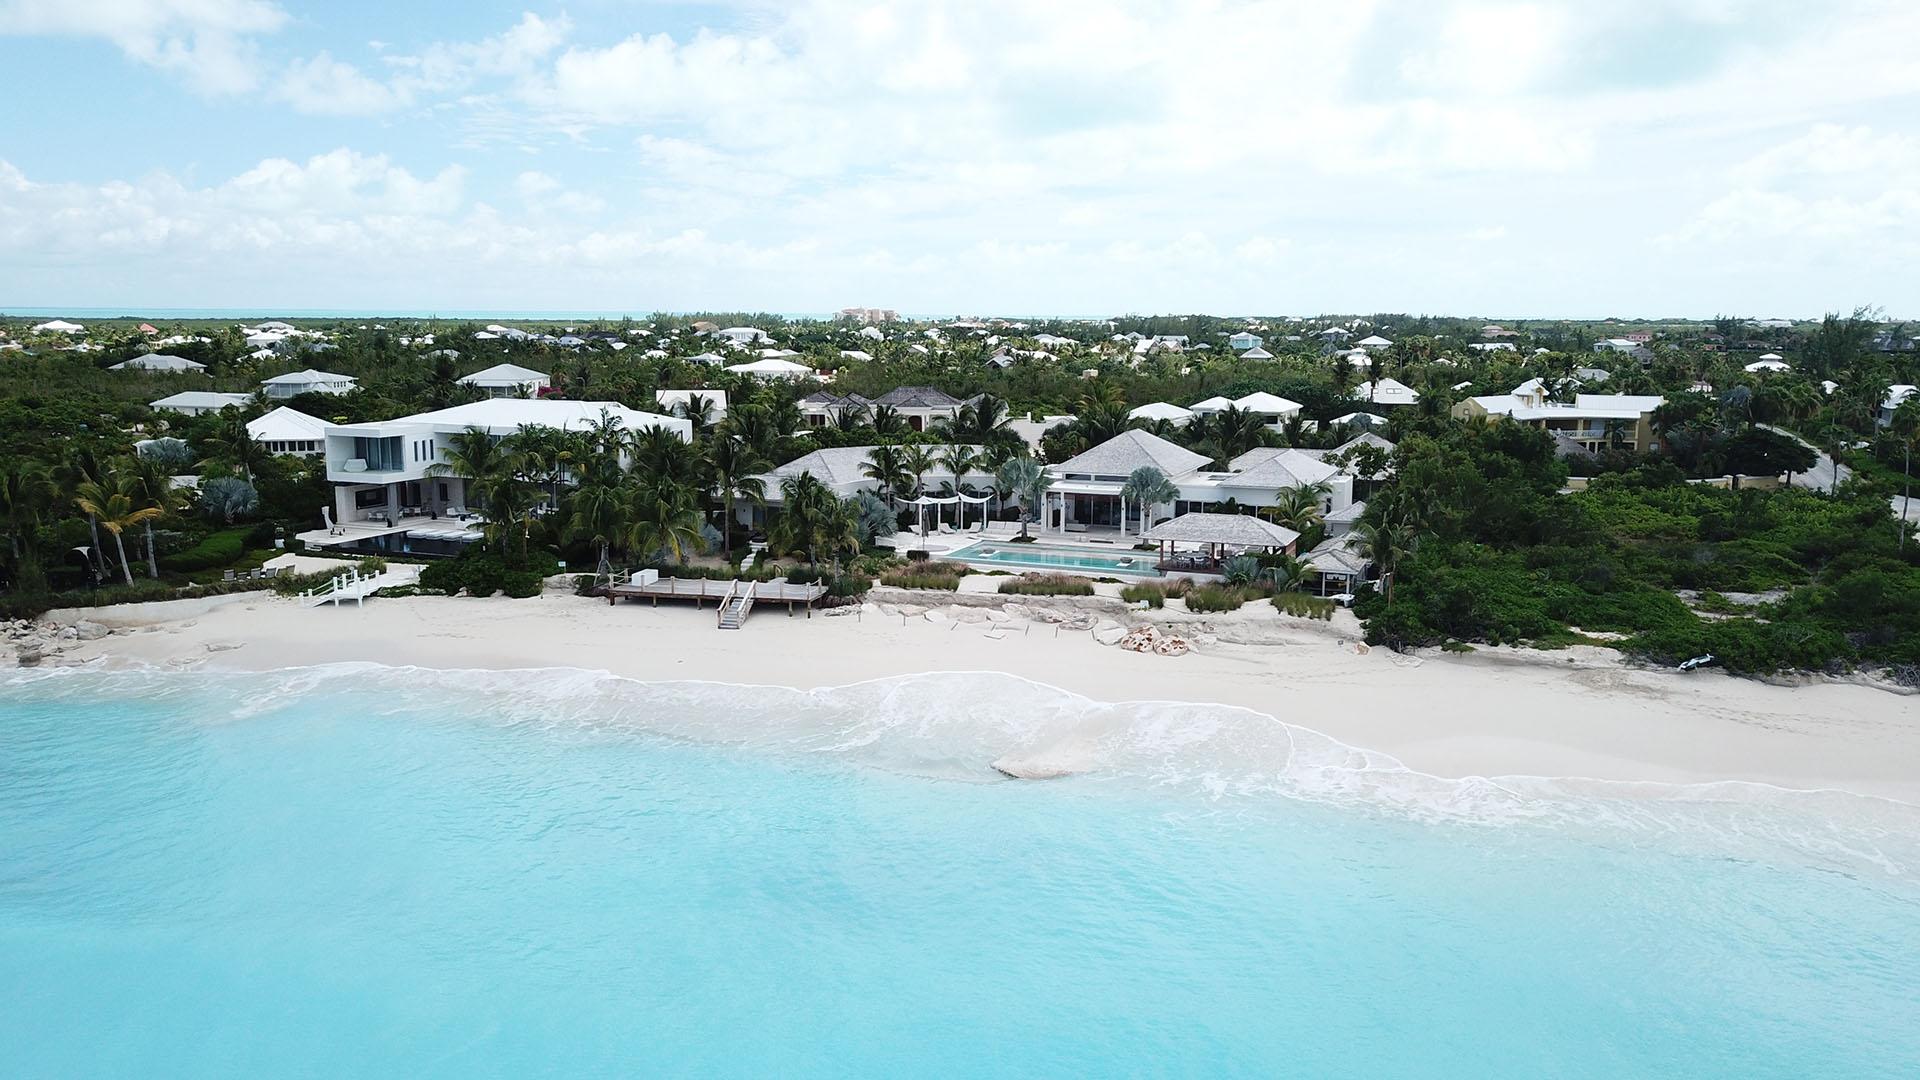 Las Islas son uno de los destinos preferidos de los millonarios y famosos que tienen sus residencias veraniegas a la vera del mar